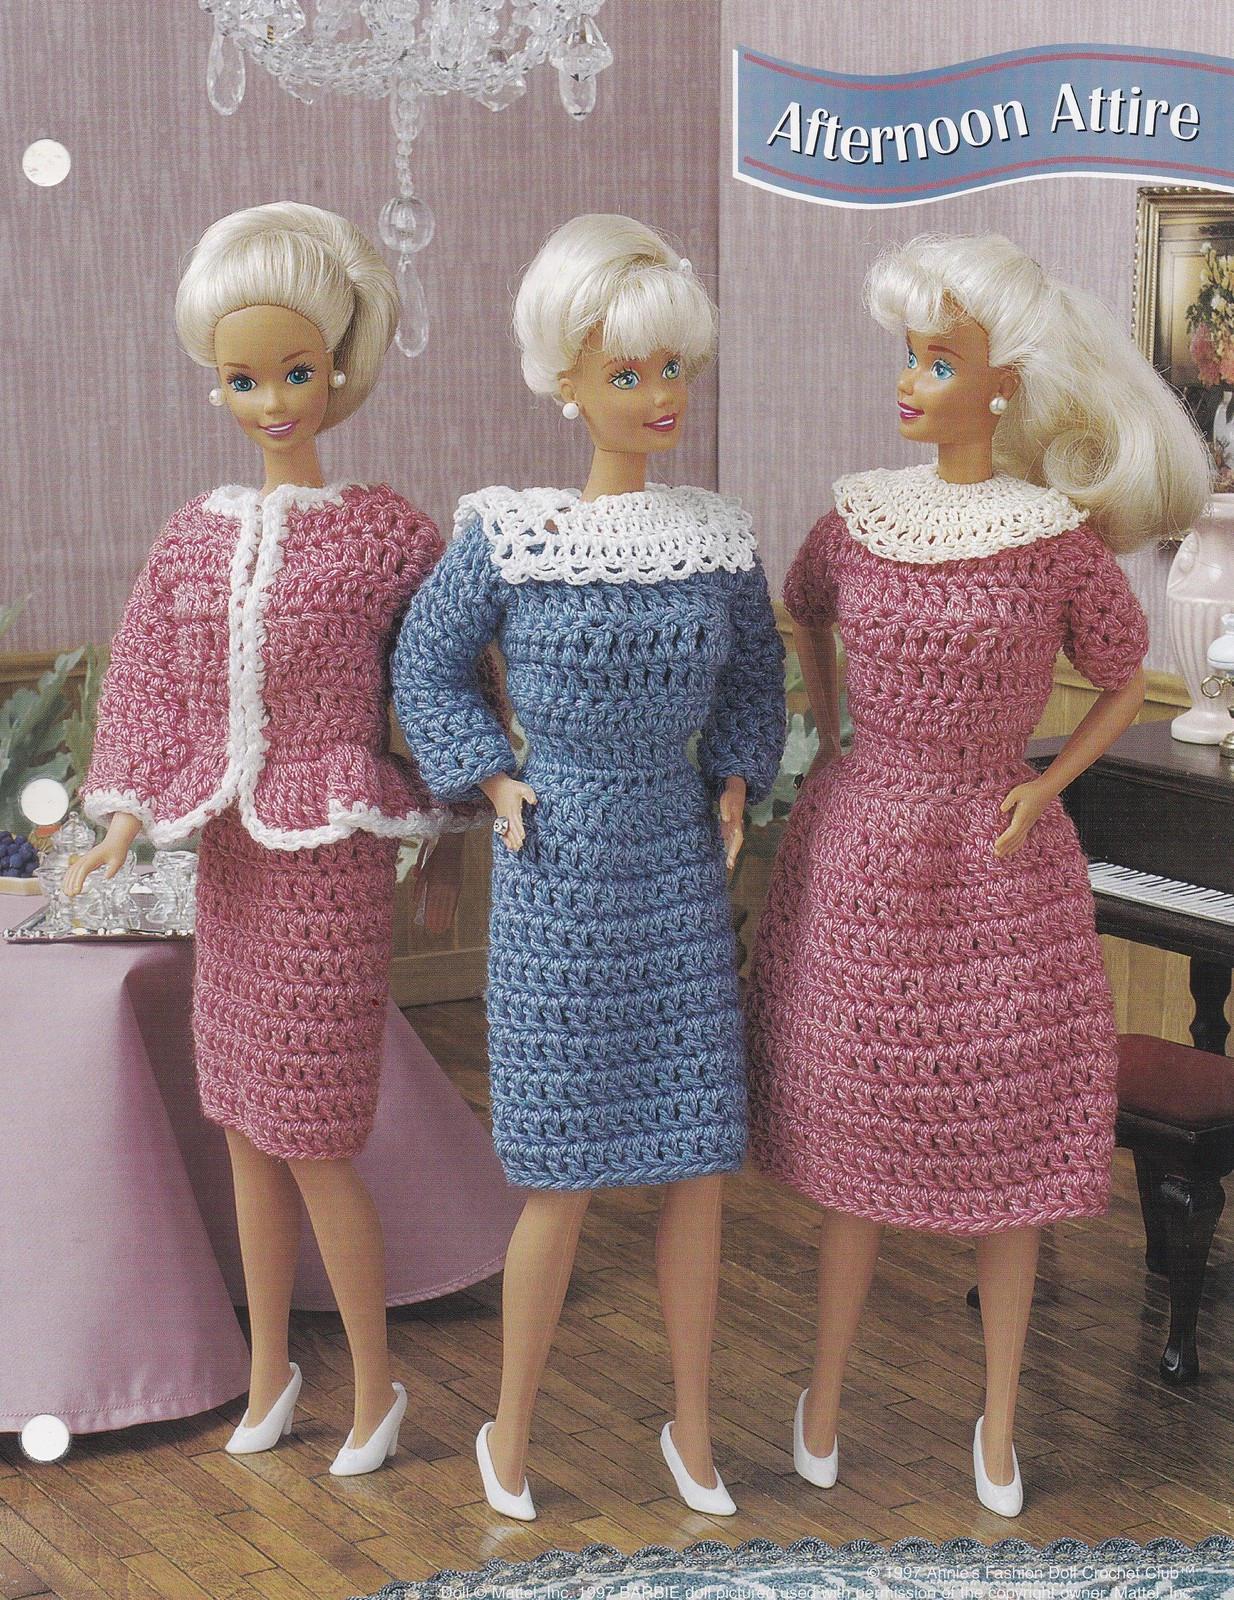 Am Nachmittag Kleidung Annie Attic Mode Puppe häkeln Muster